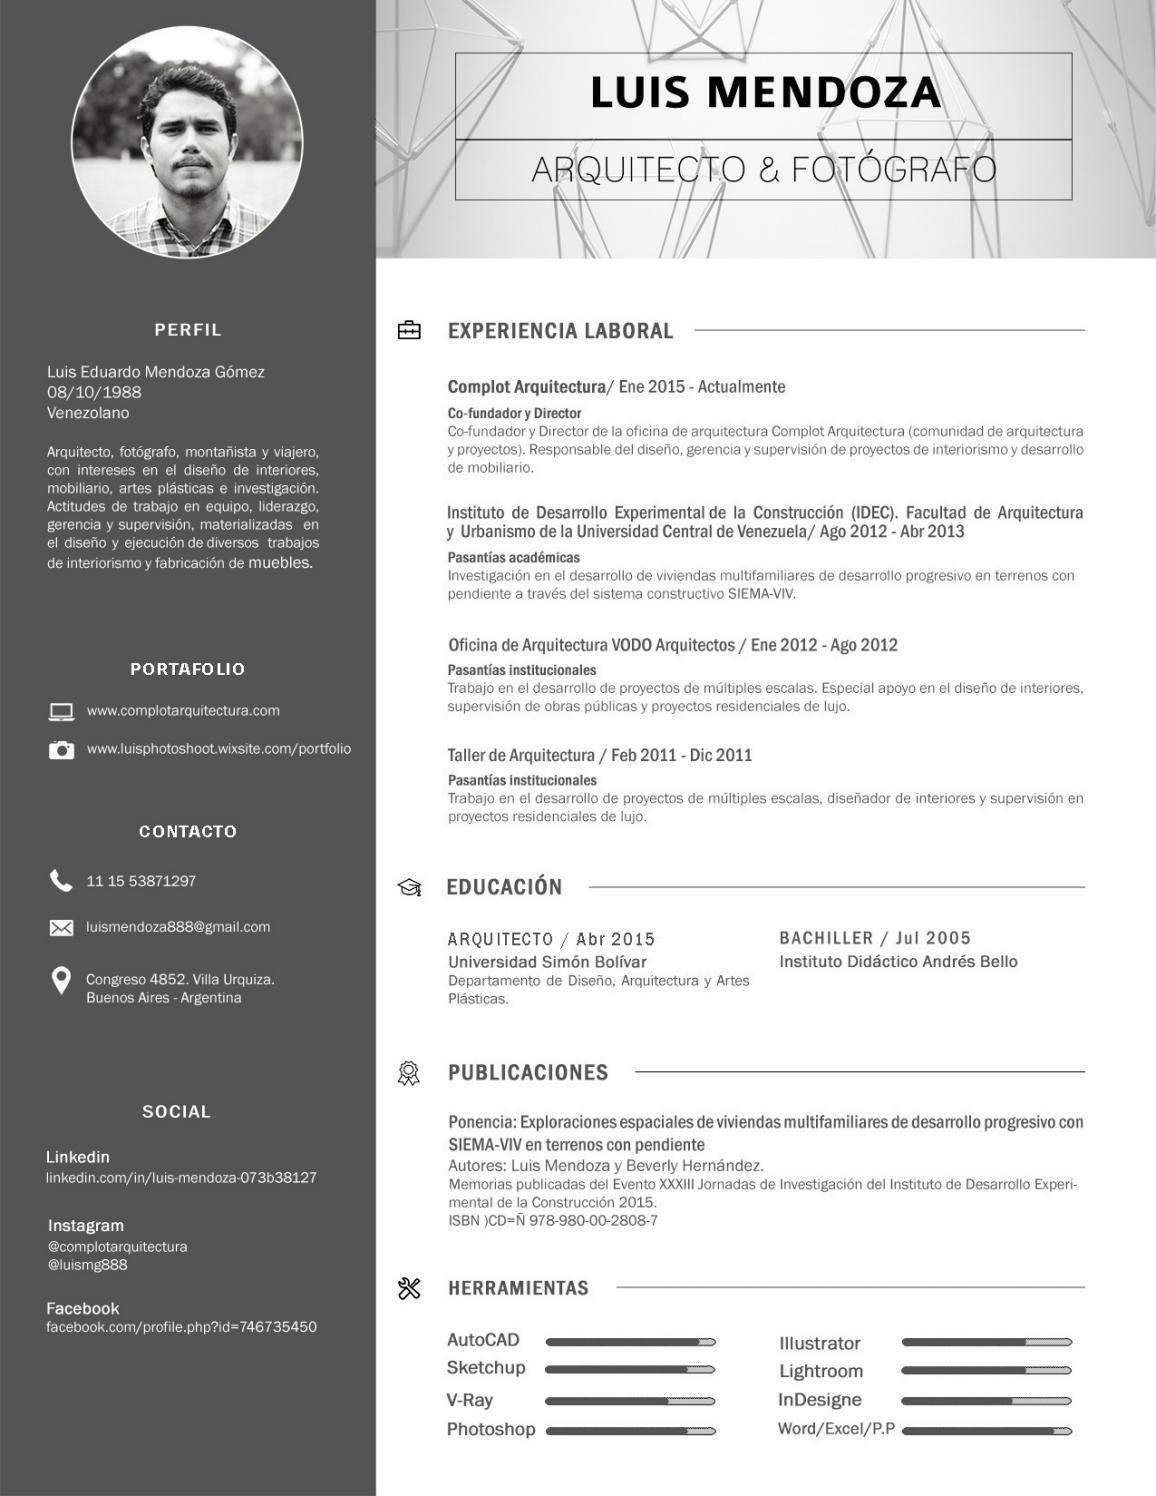 Cv Arquitecto Luis Mendoza Curriculum Vitae Diseno Grafico Curriculum Arquitectura Disenos De Curriculum Vitae